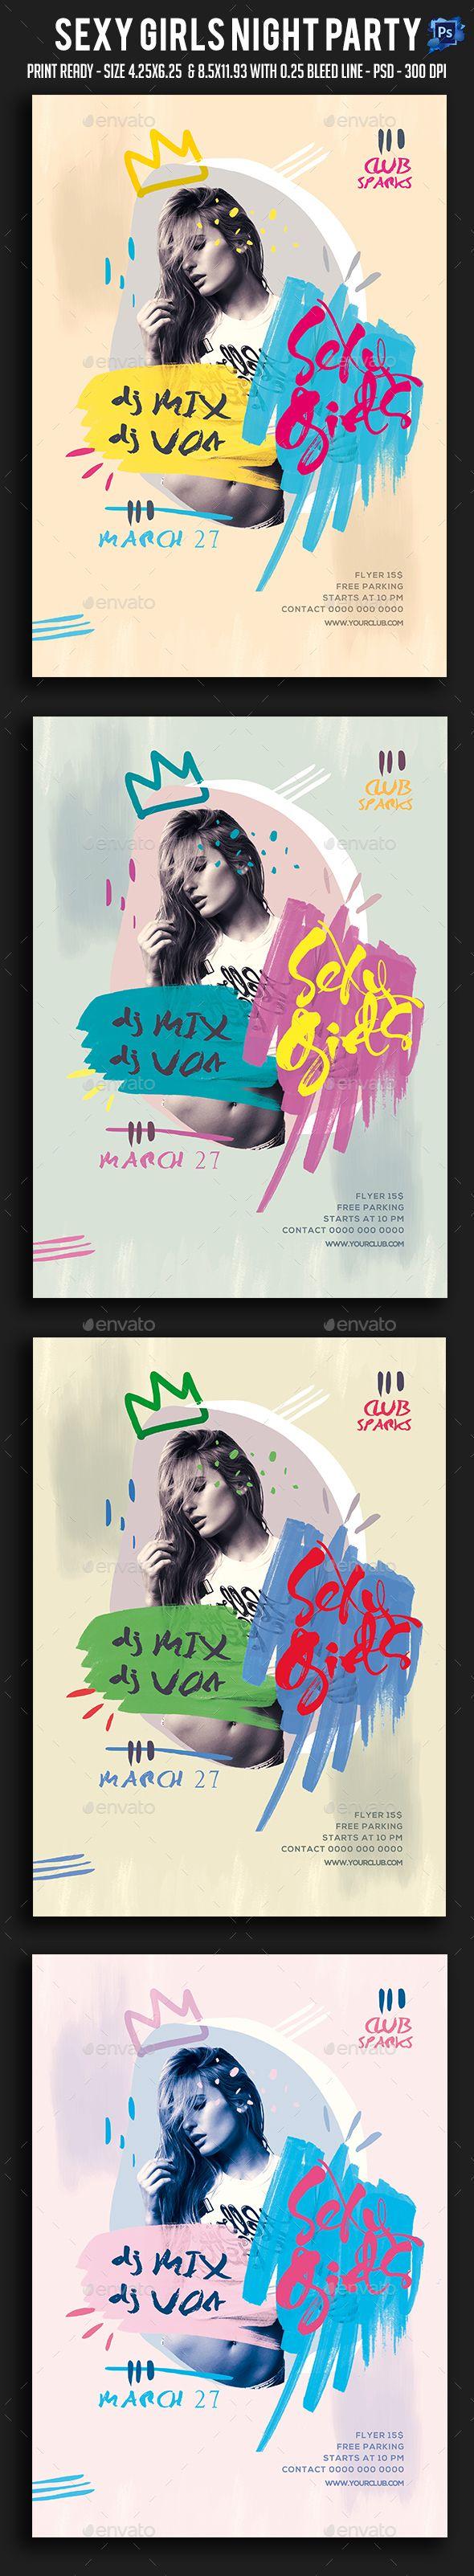 Sexy Girls Night Party Flyer | Anuarios, Mapas y Herramientas